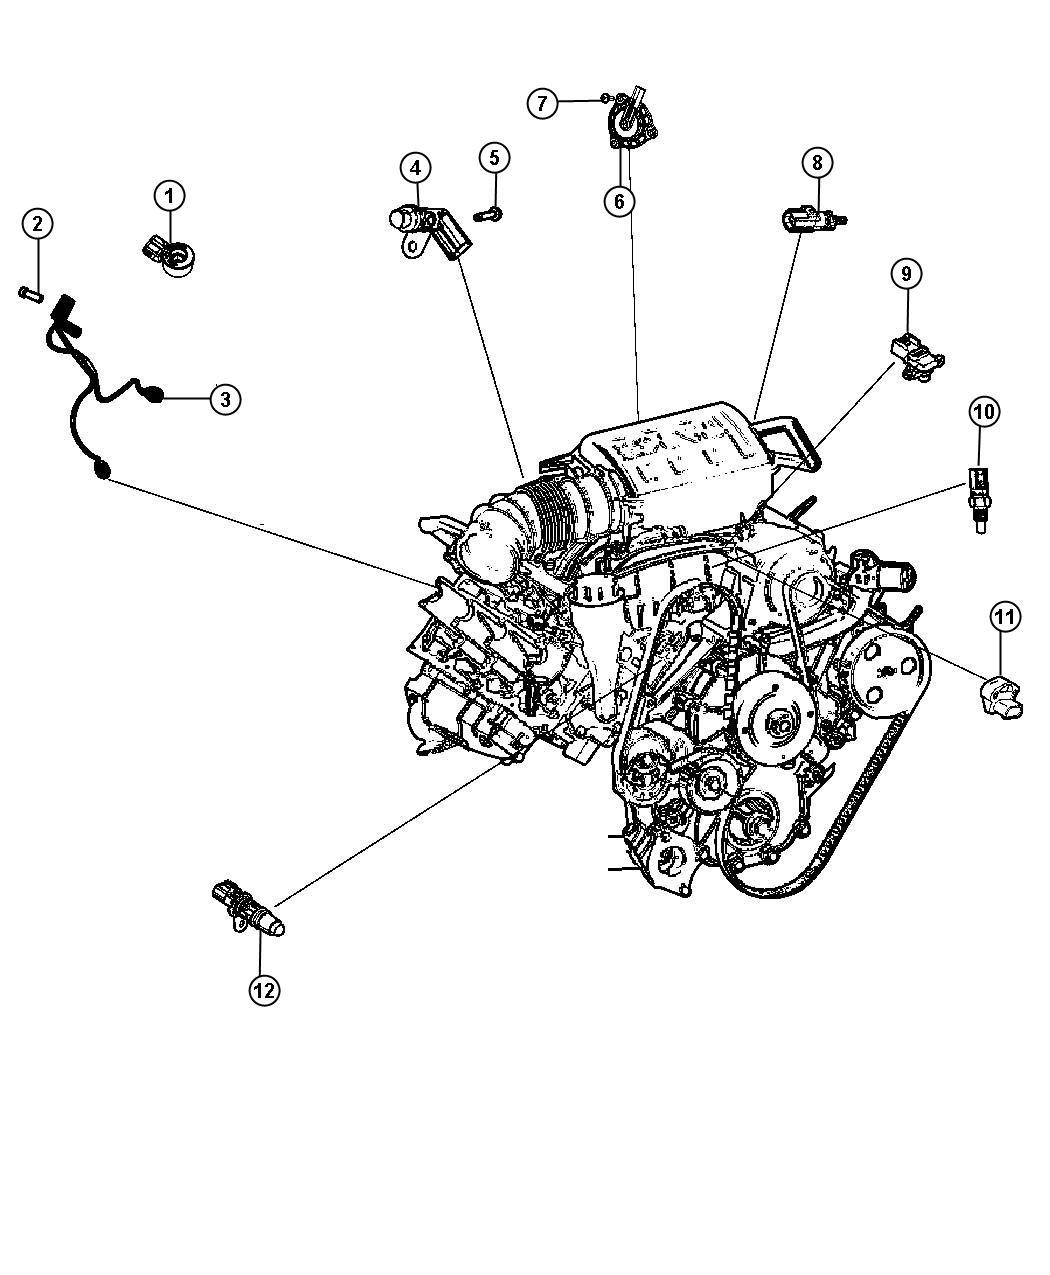 Chrysler 200 Convertible Touring 3 6l V6 Vvt 6 Speed